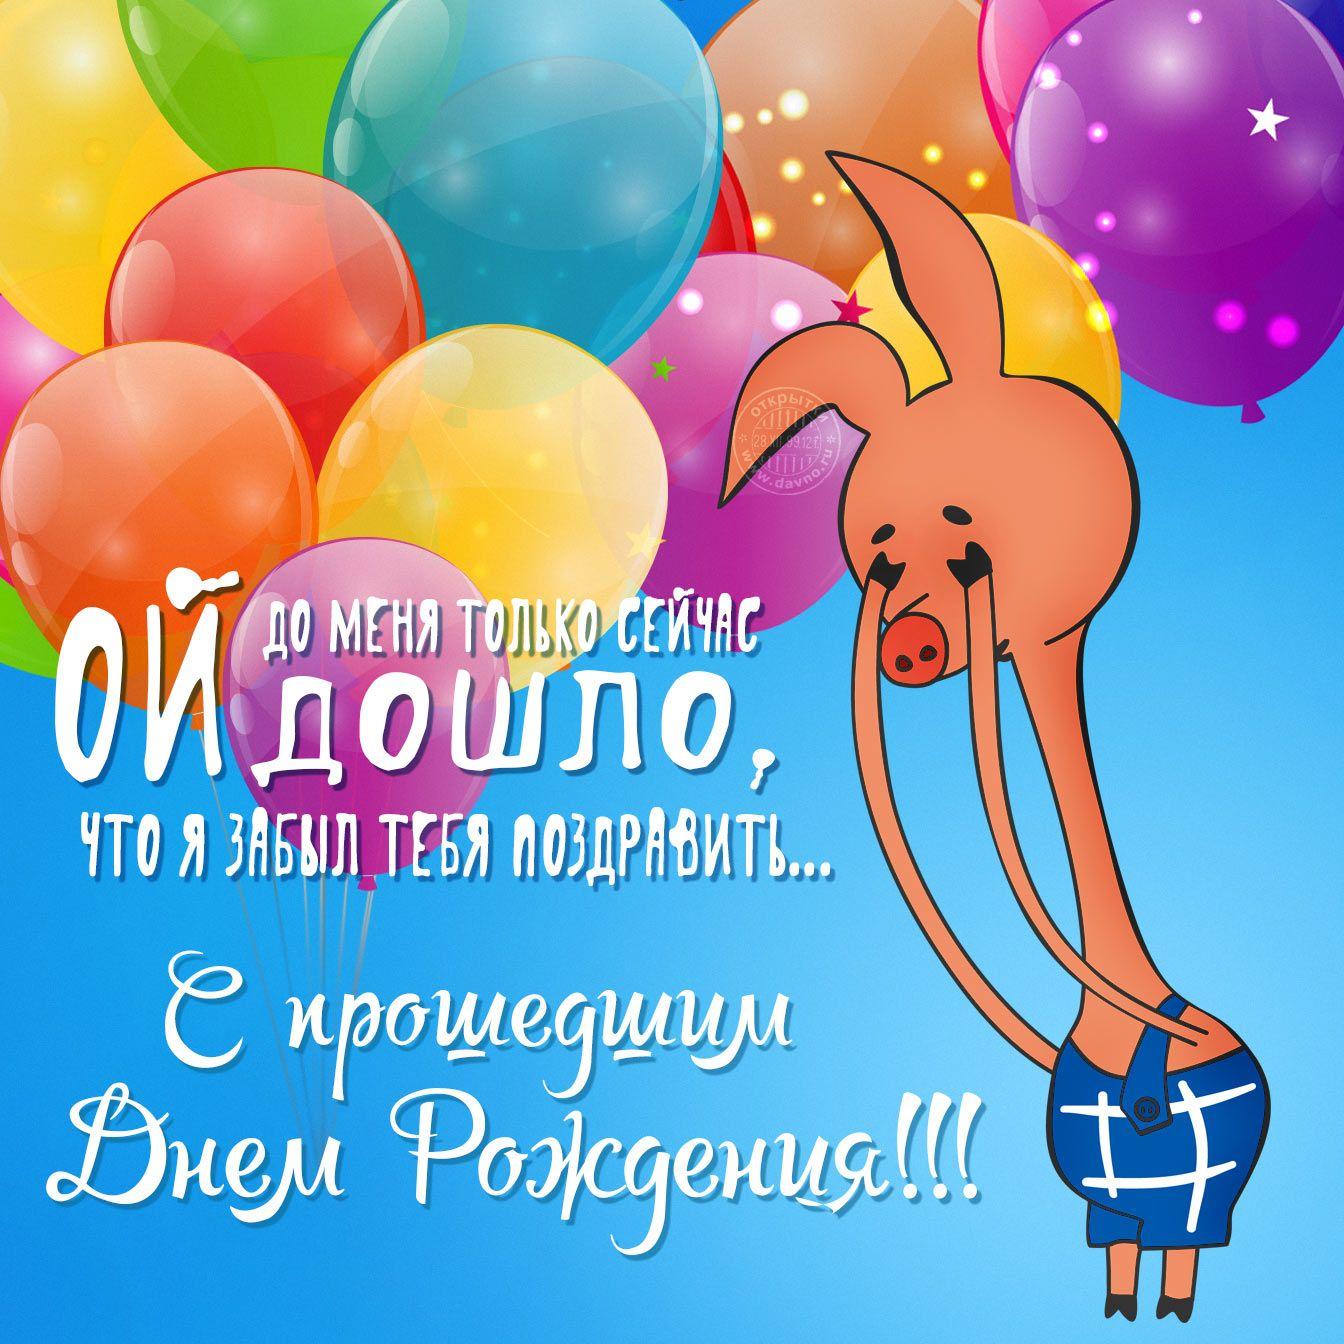 Поздравление с днем рождения открытка прикол